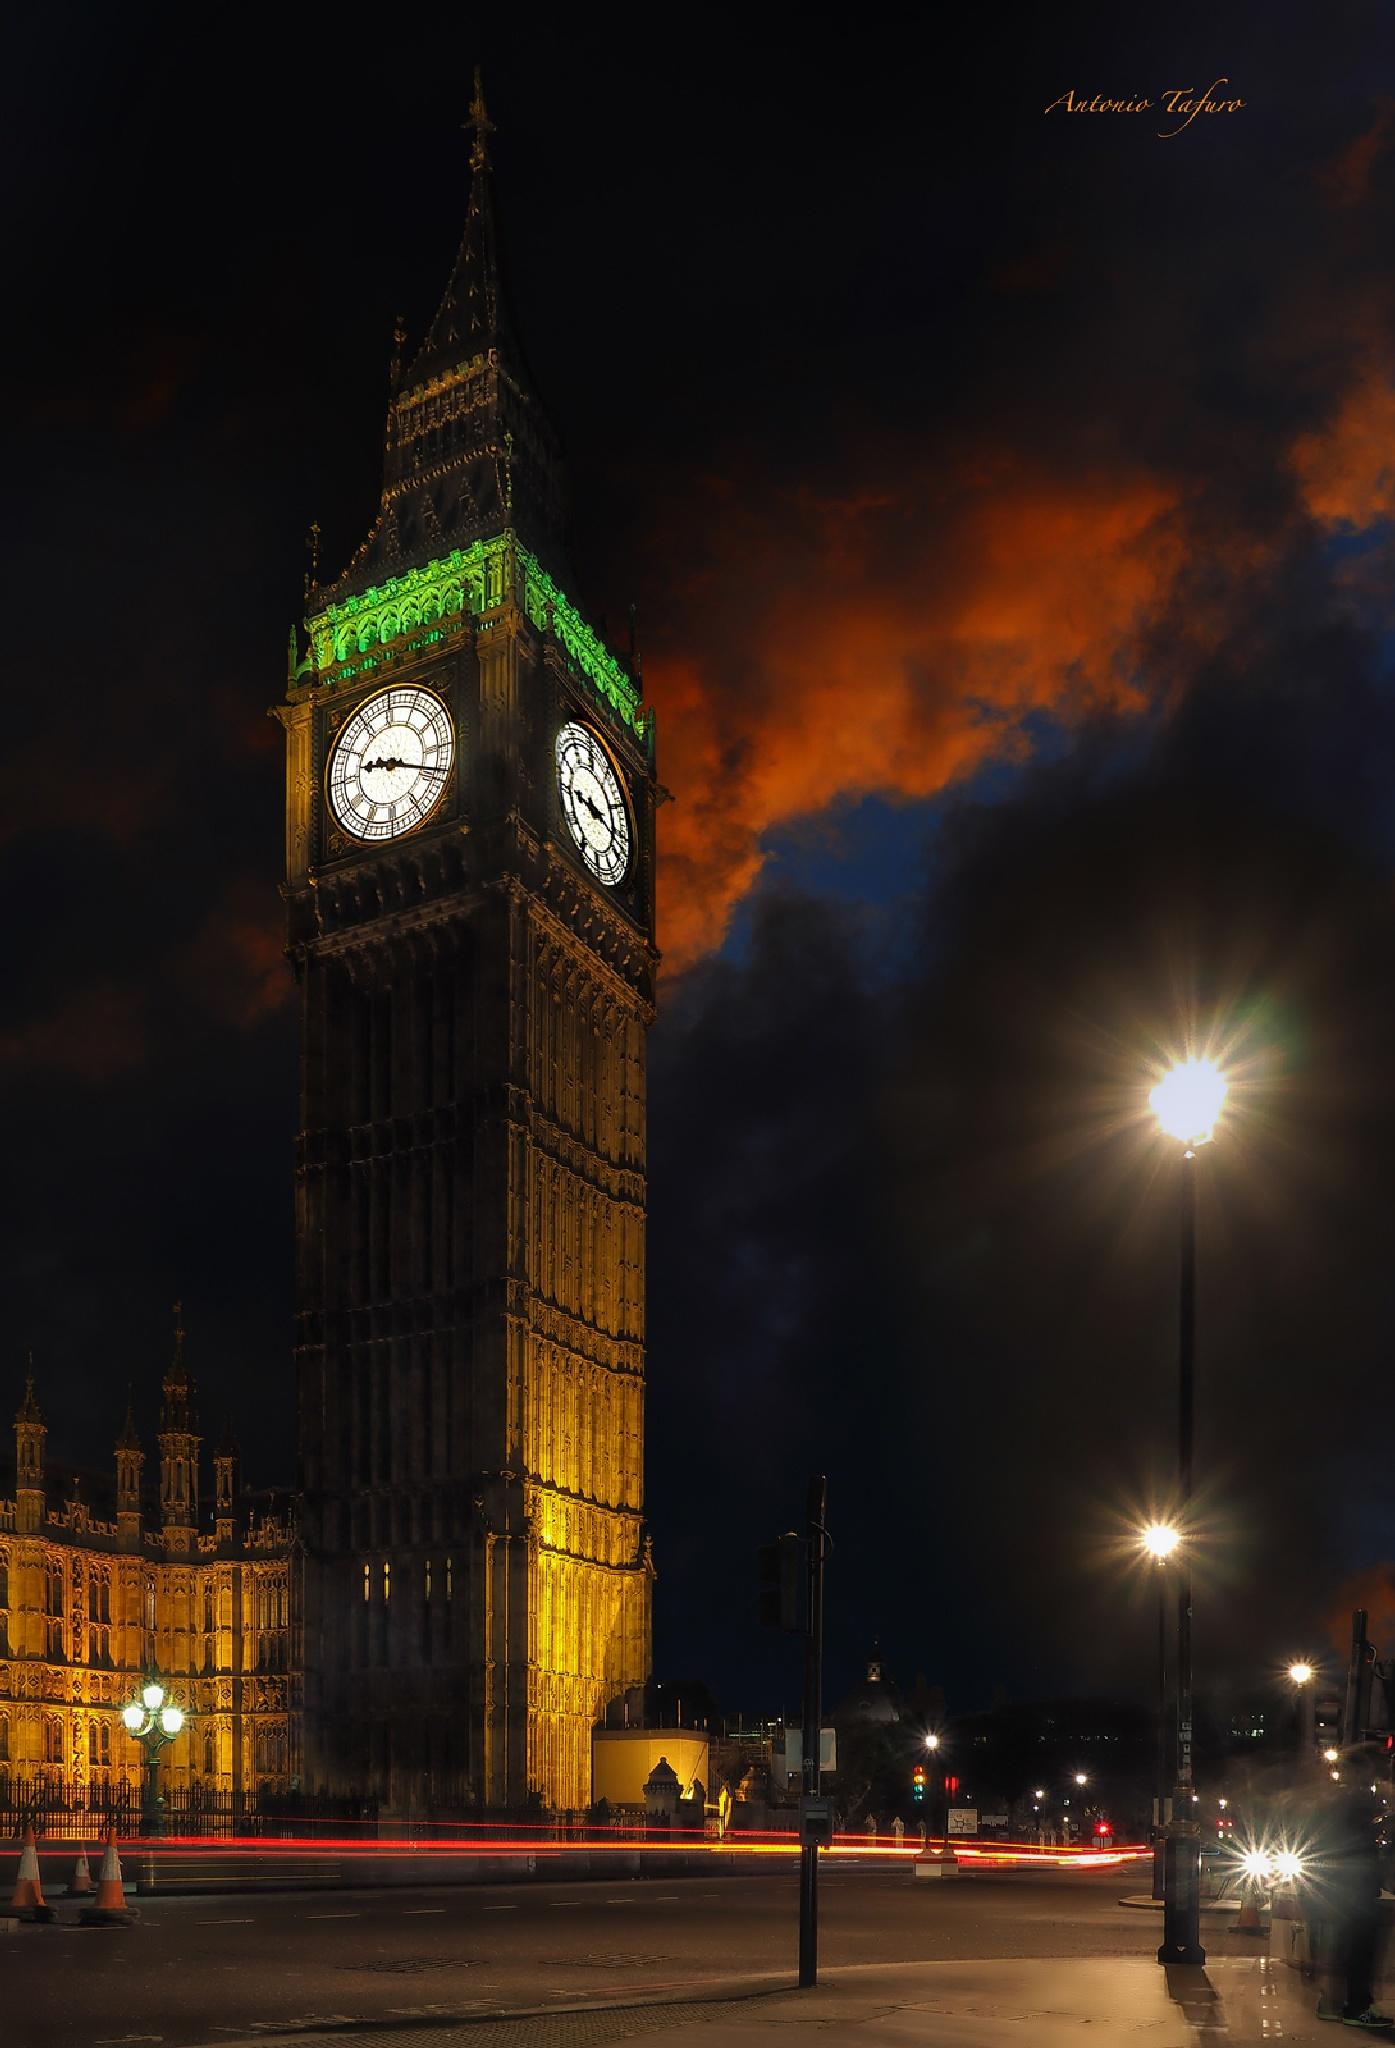 Big Ben by Antonio Tafuro